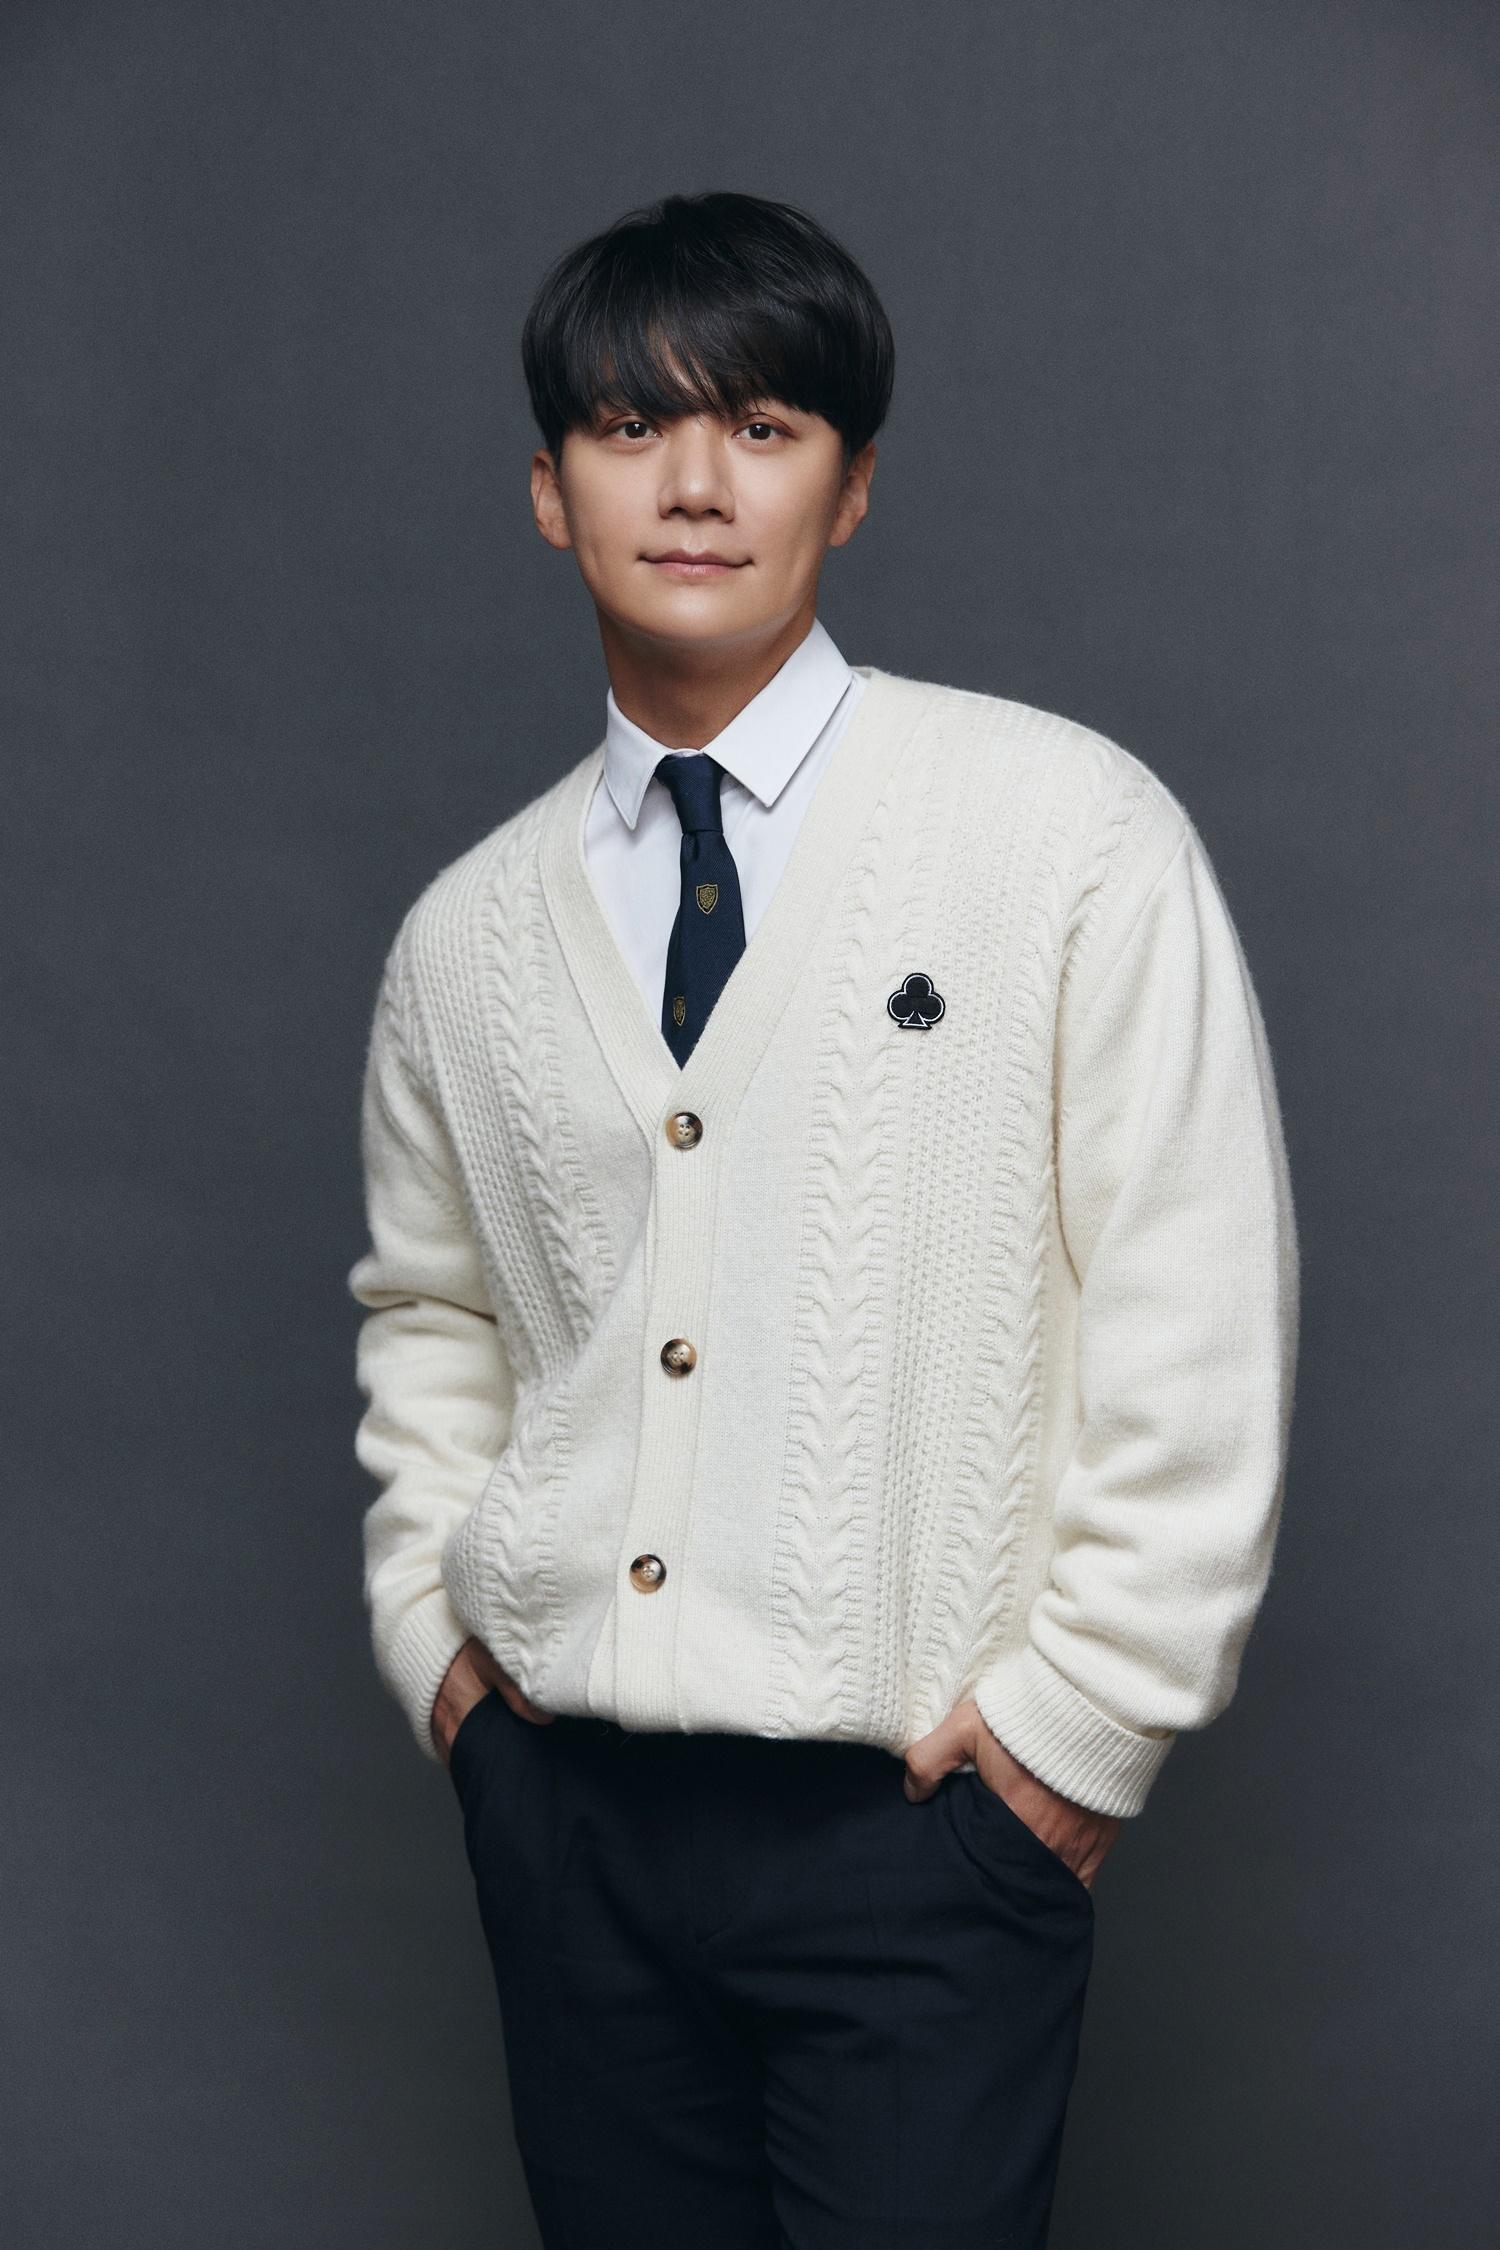 Jae Jin thông báo gặp được lương duyên và hứa chăm sóc vợ cả đời. Ảnh: YG.